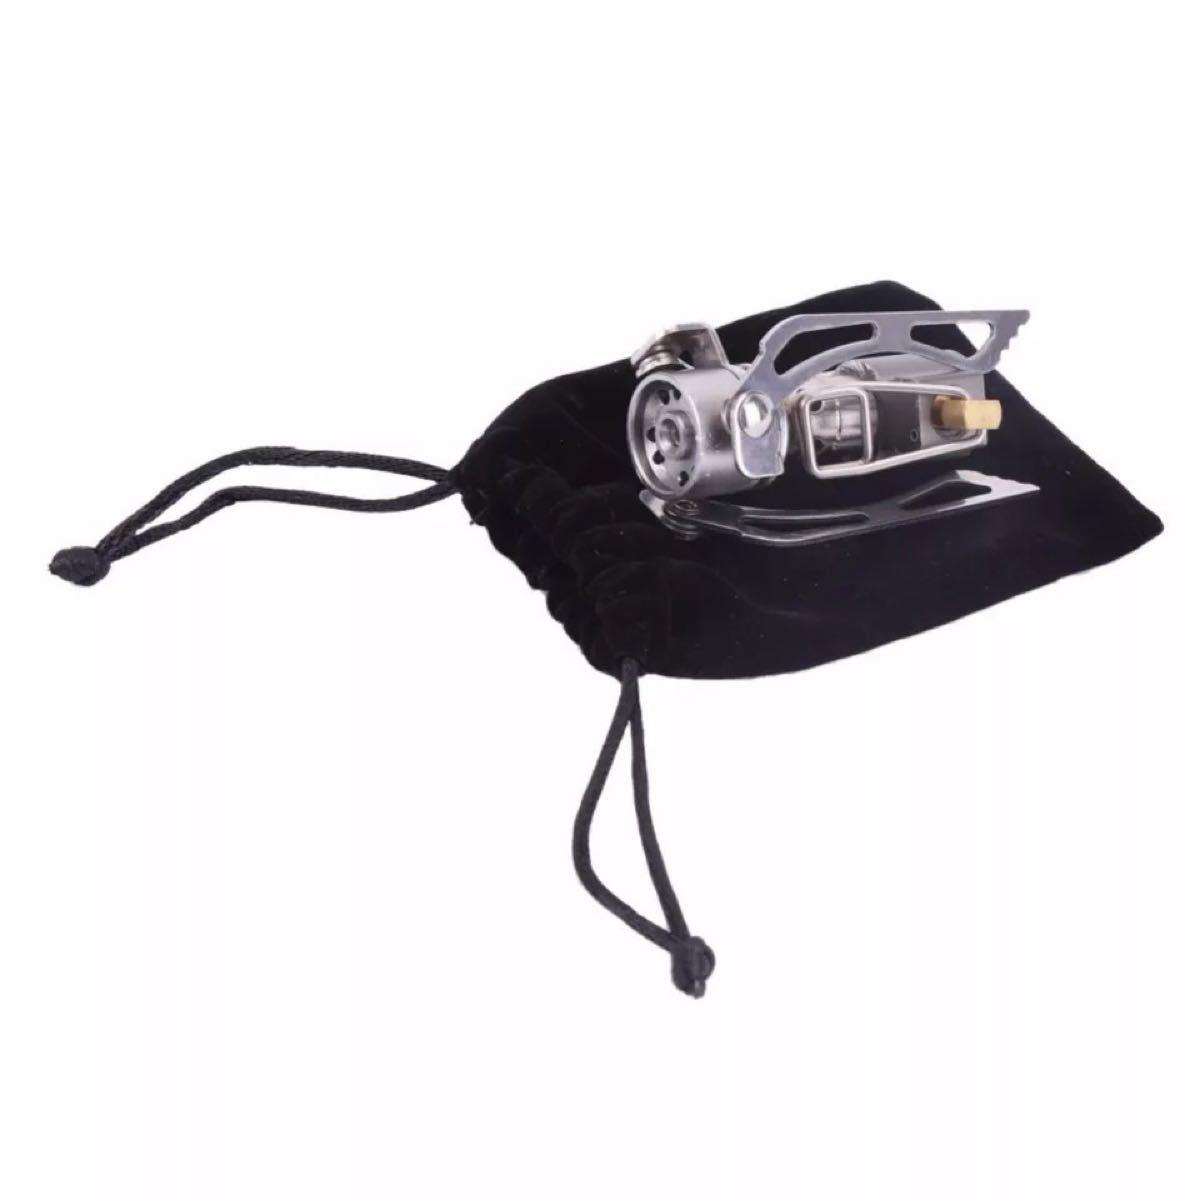 超小型シングルバーナー ミニガスバーナー OD缶対応ポケットコンロ 小型ストーブ